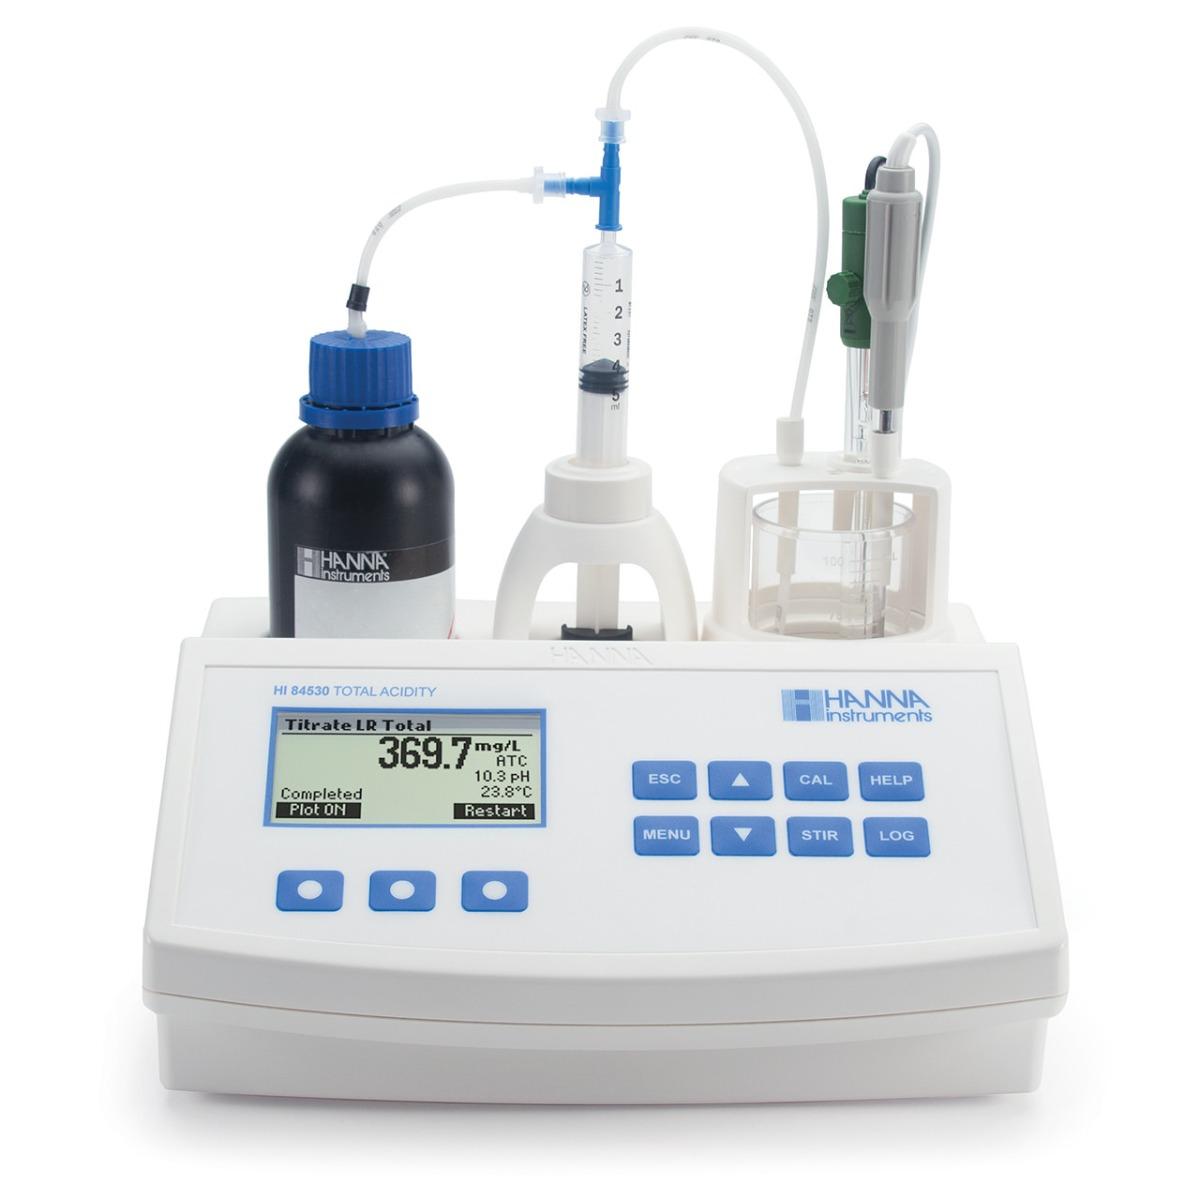 HI84530 - Minititolatore per l'analisi dell'acidità titolabile nell'acqua